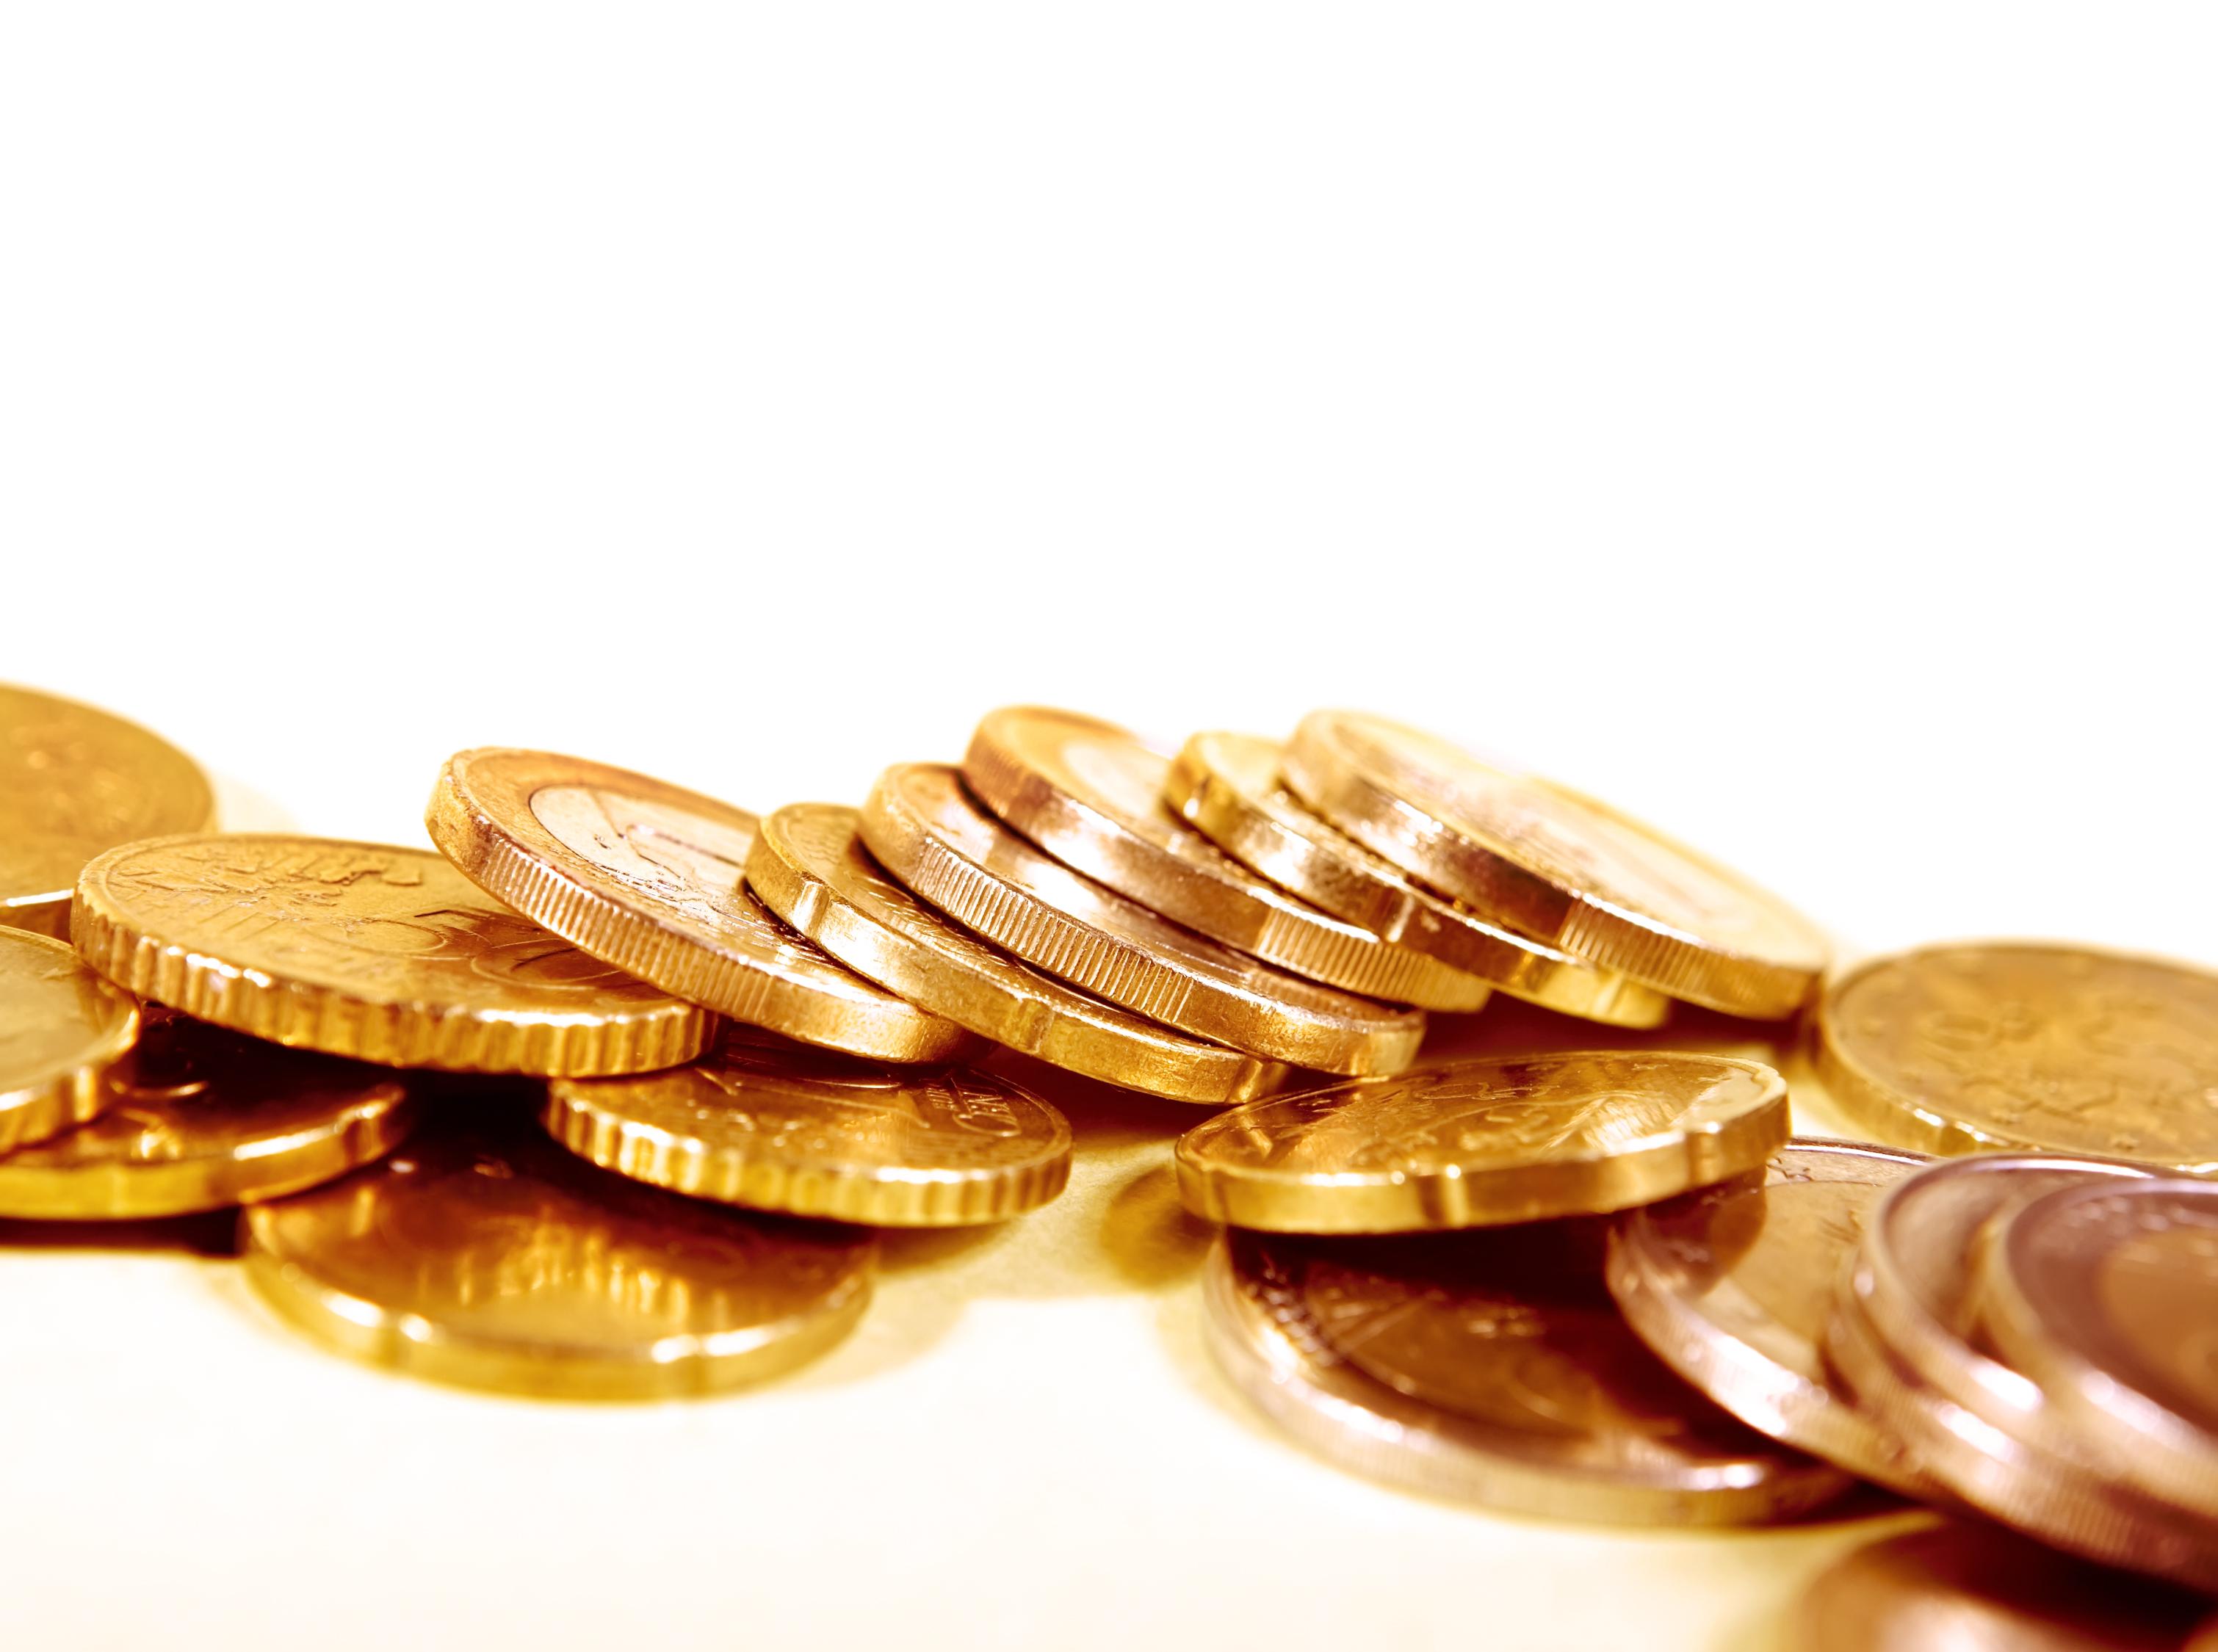 Monedas préstamos urgentes